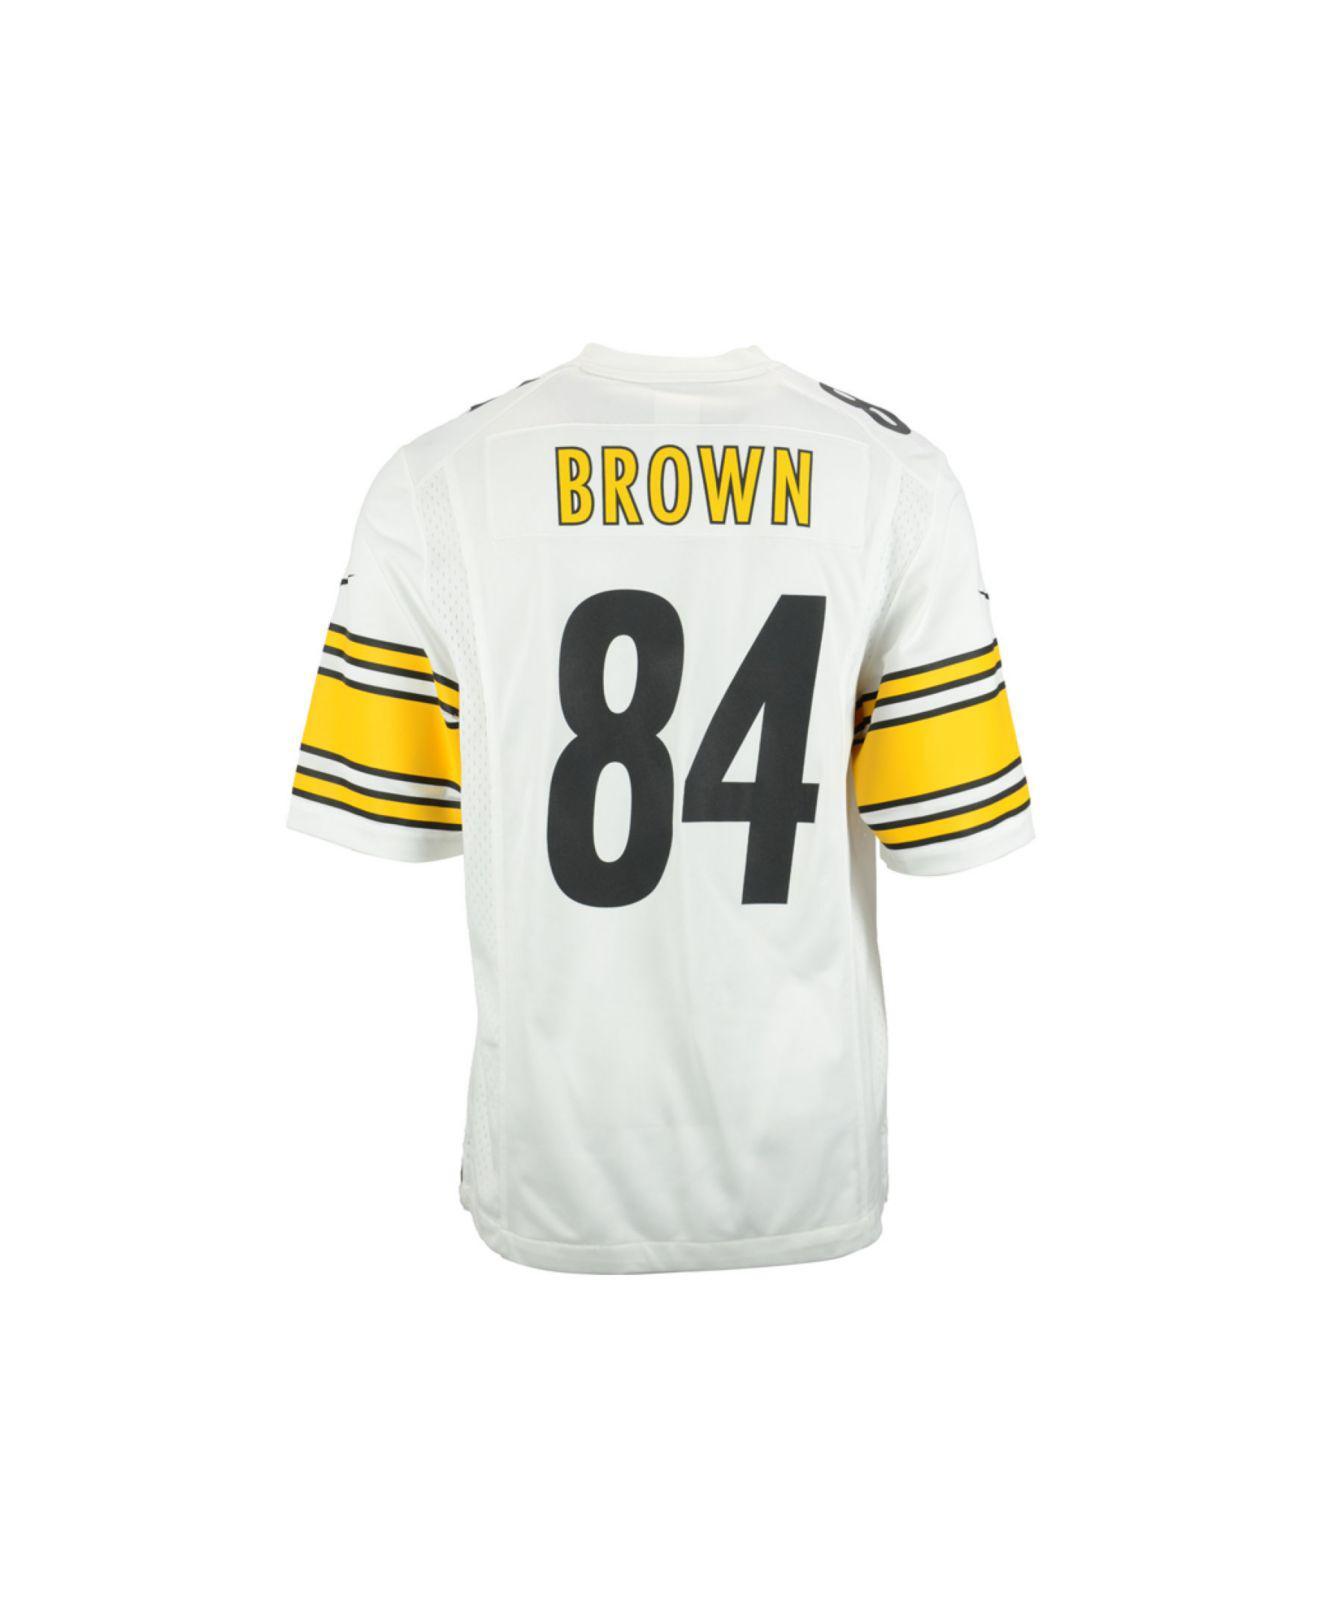 56679b103 Lyst - Nike Men s Antonio Brown Pittsburgh Steelers Game Jersey in ...